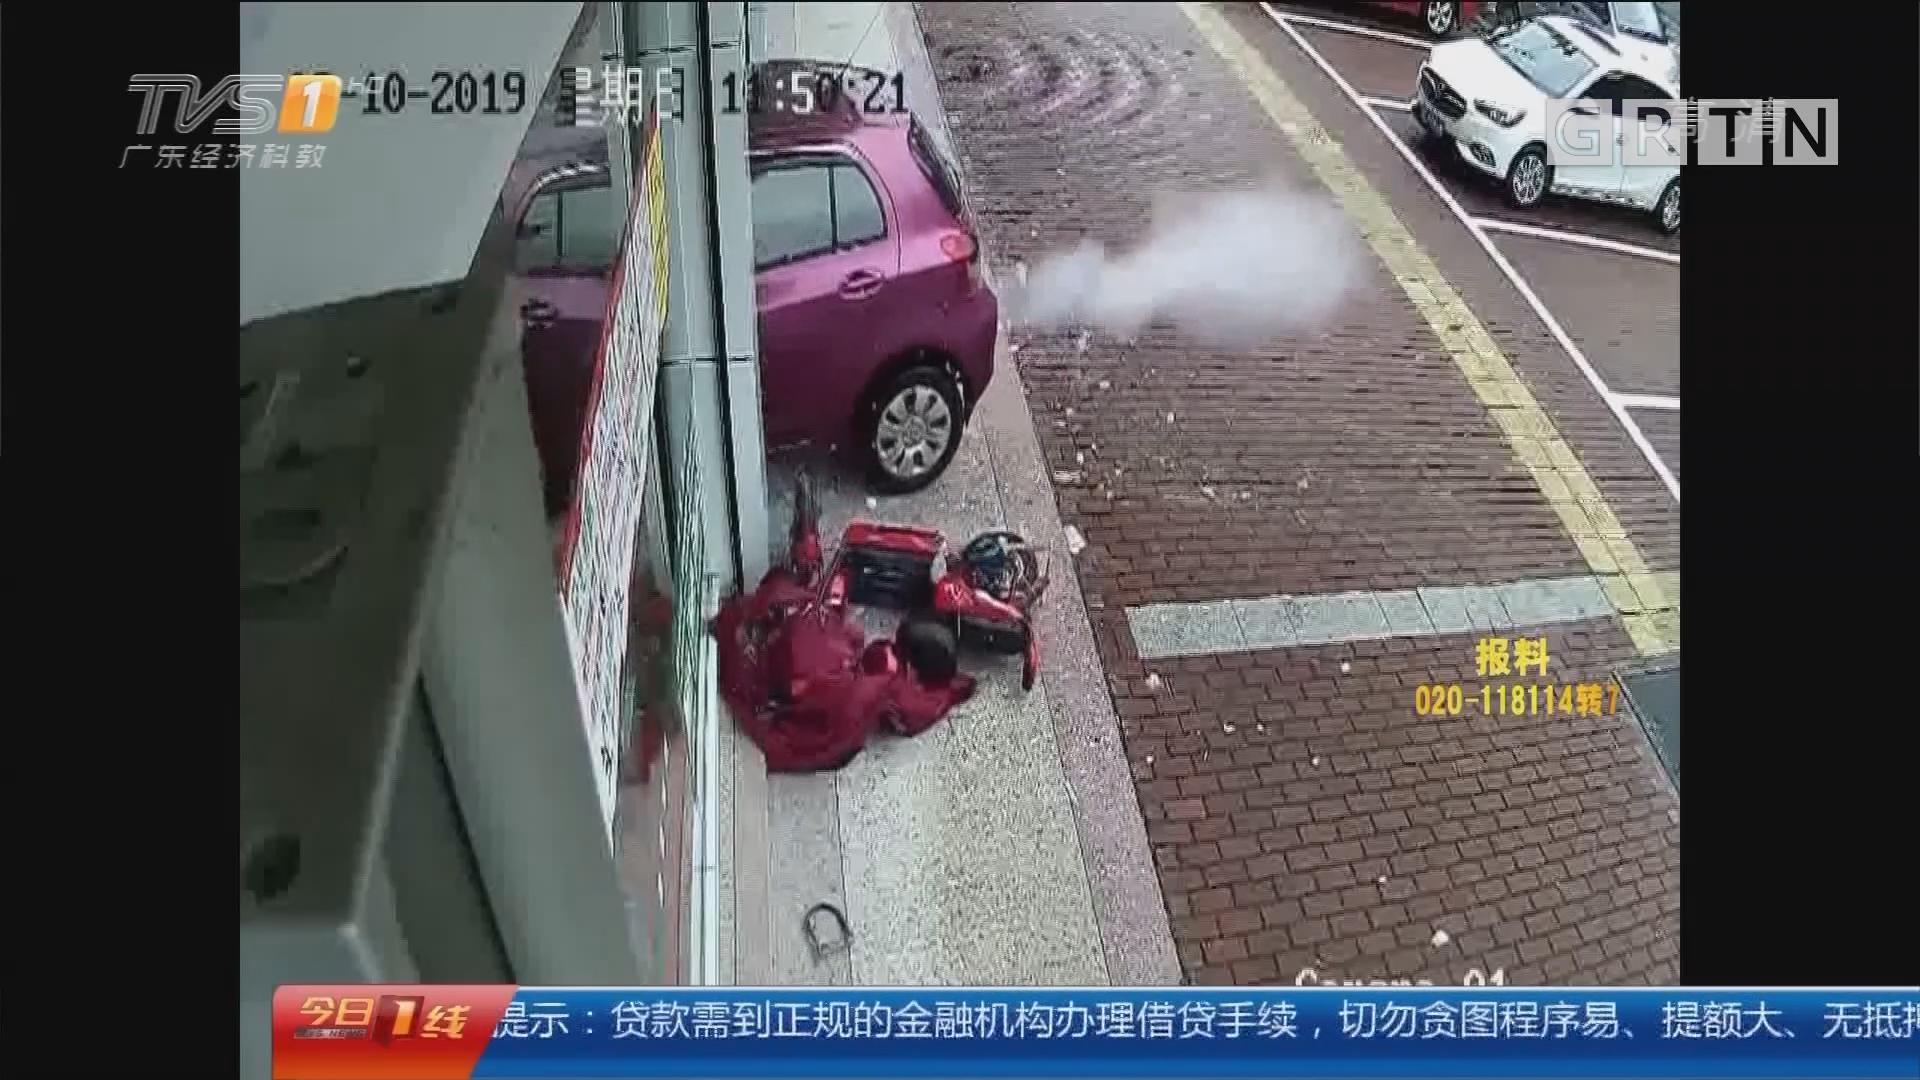 汕尾海丰:小车失控冲进药店 撞碎玻璃门